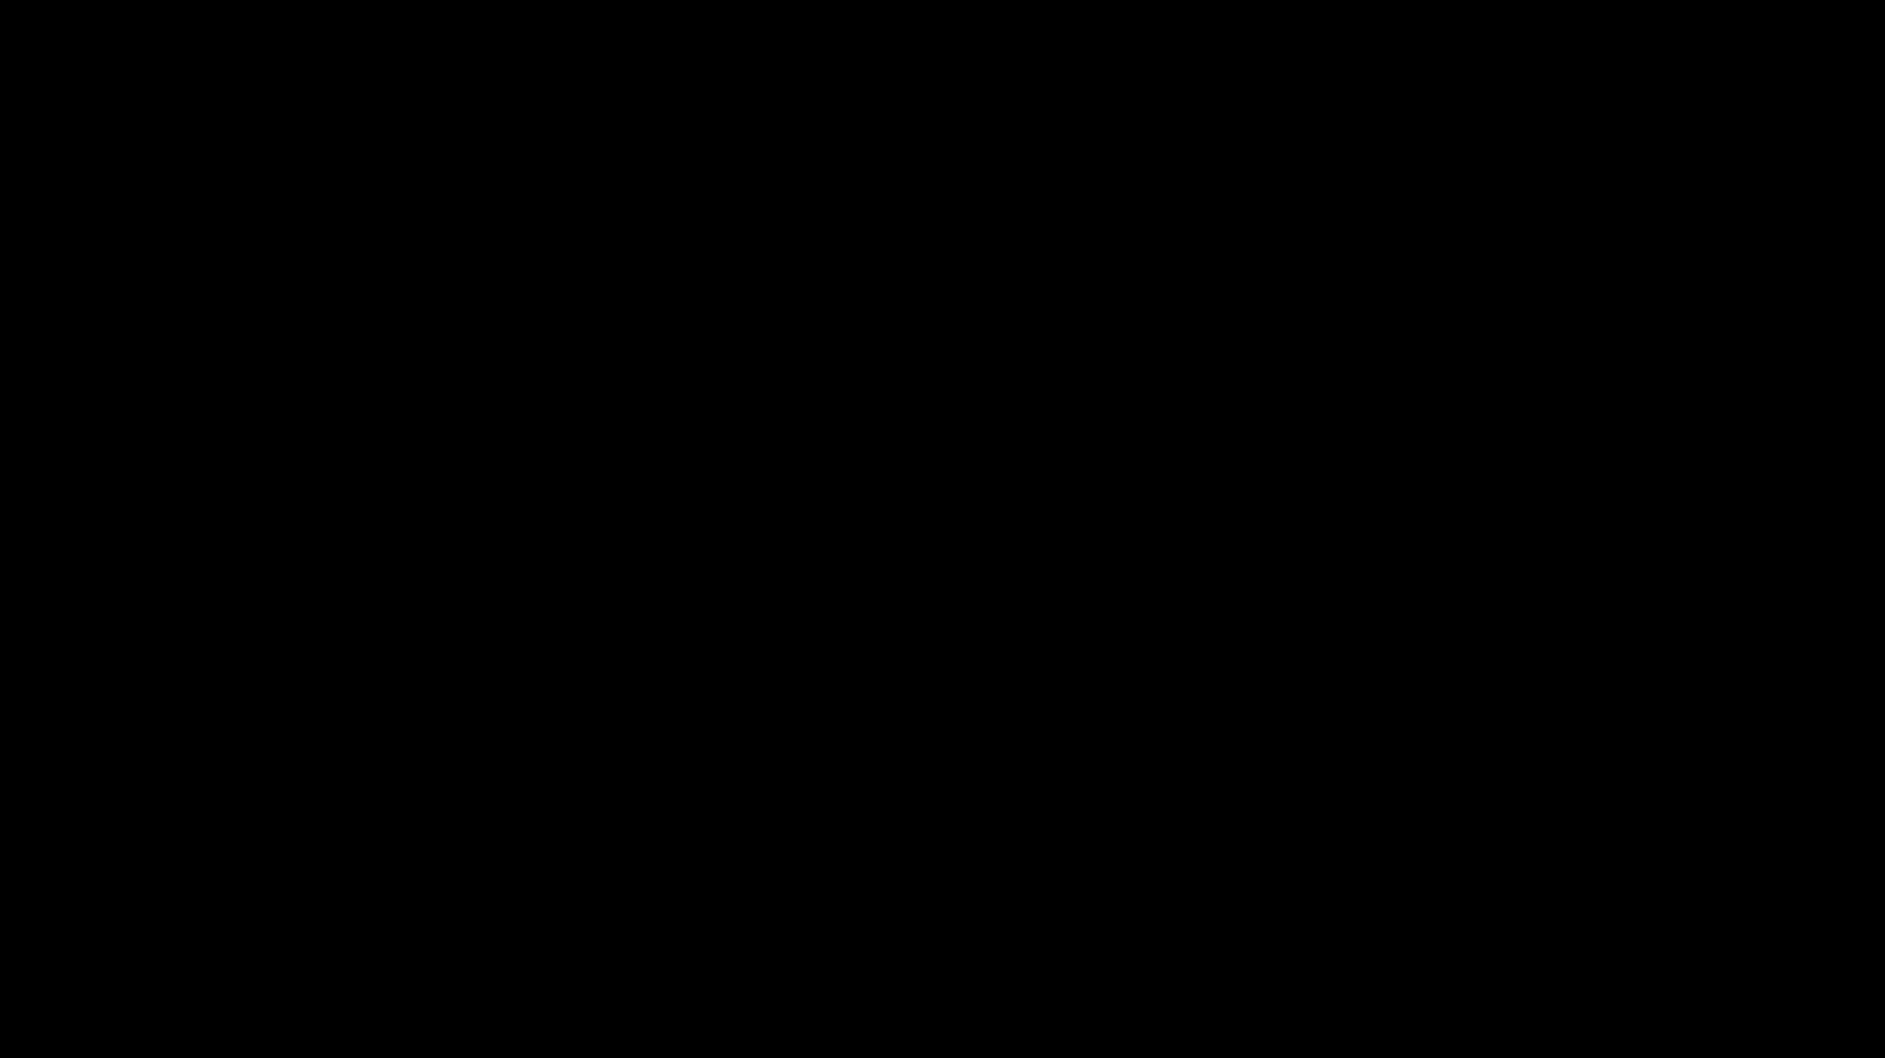 DSCN5959